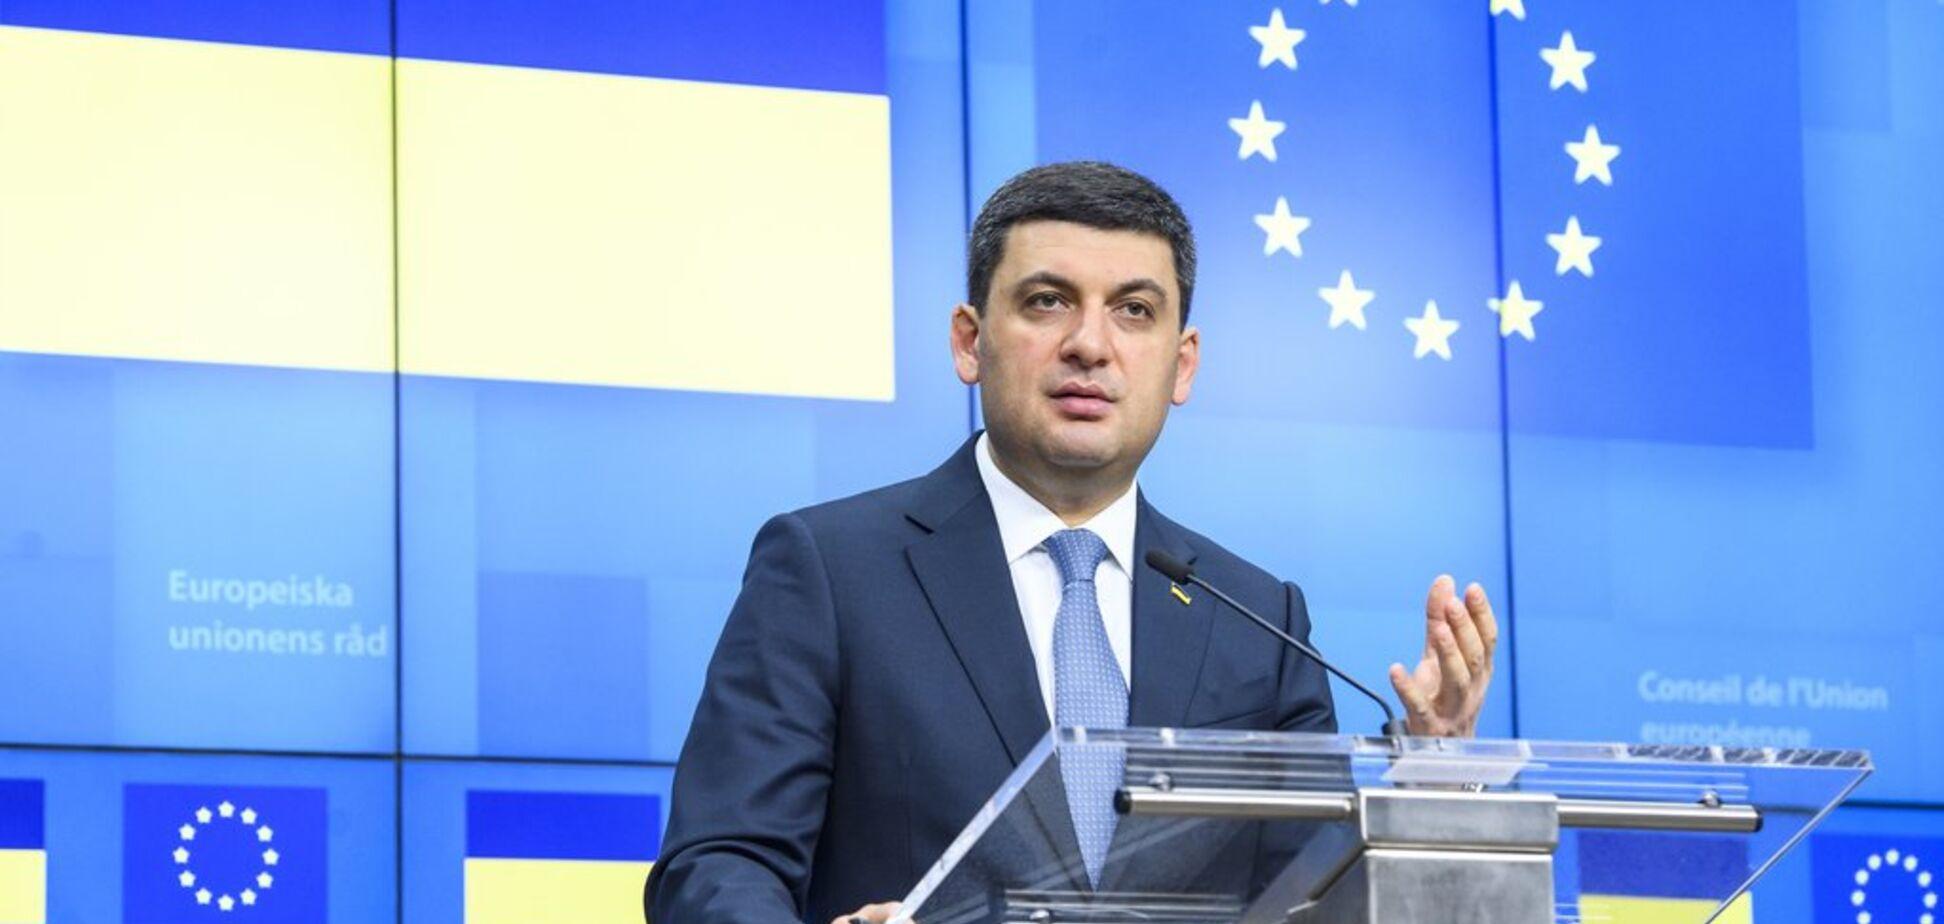 Украинцы получат бесплатные счетчики: 'Нафтогазу' поставили ультиматум